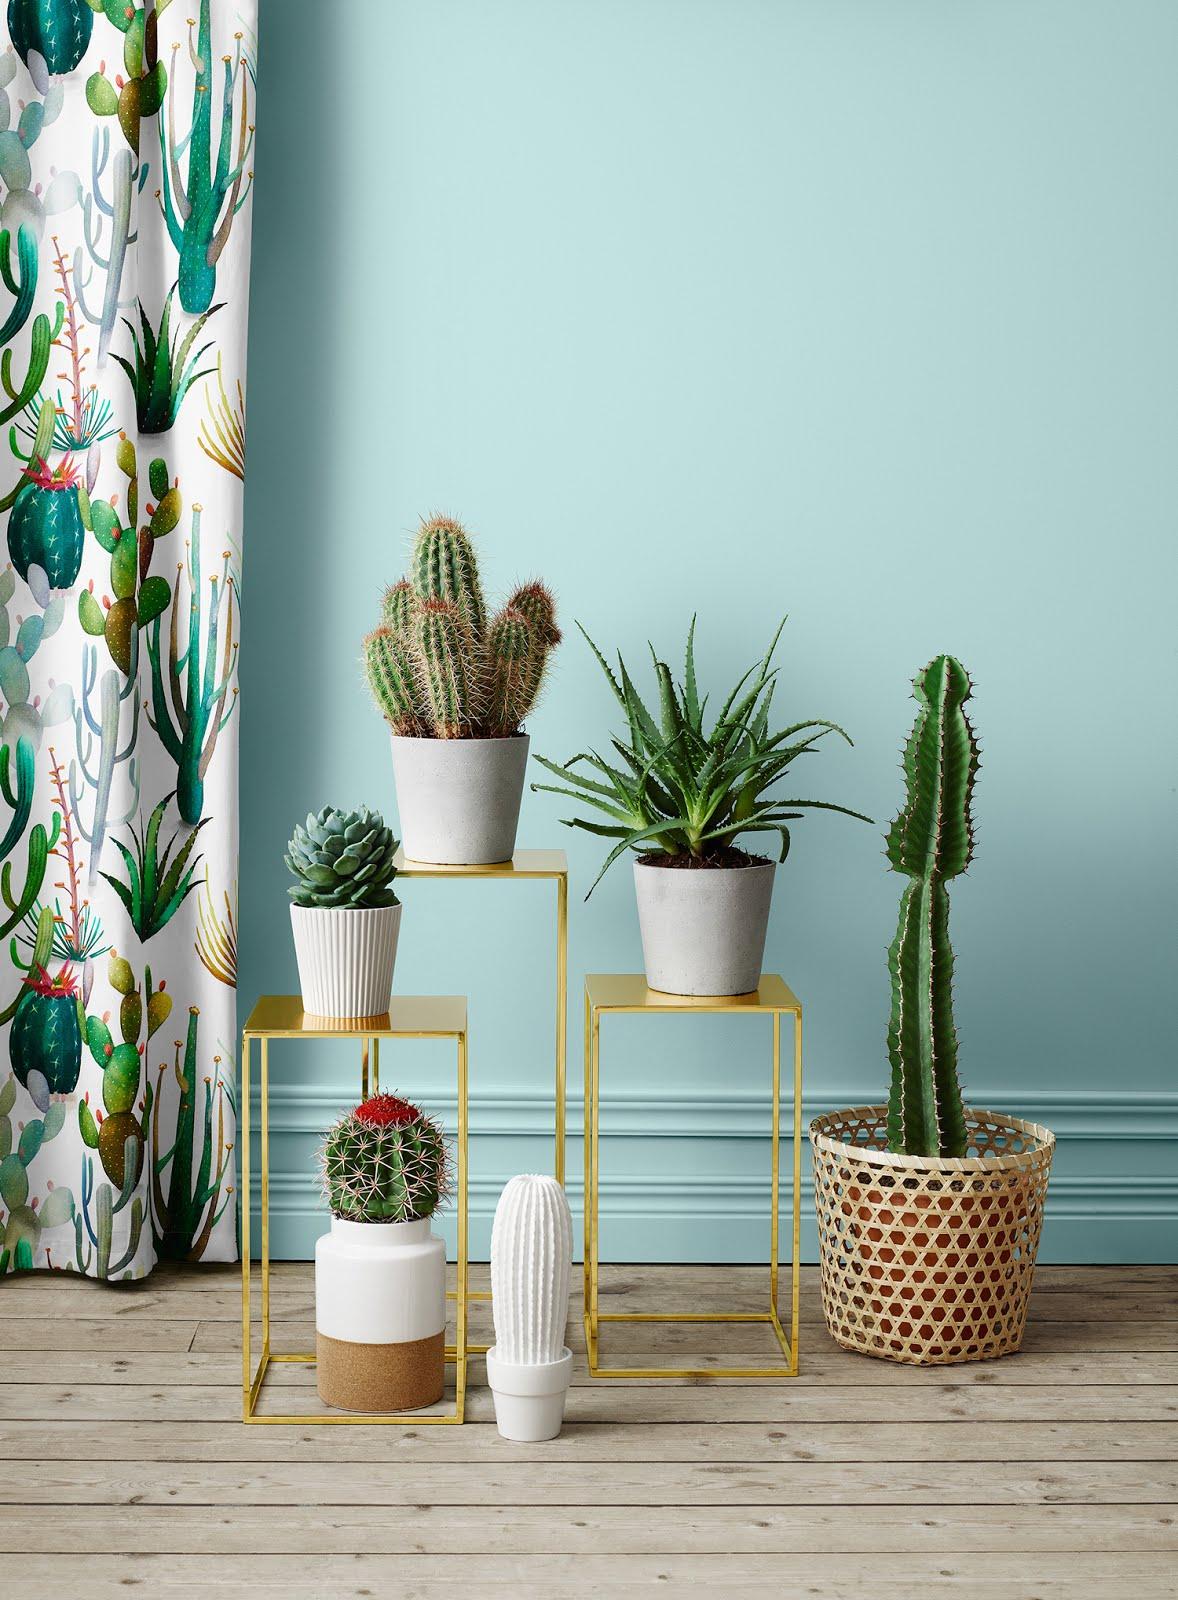 Piante Da Arredo Appartamento tendenze arredo 2017: piante in casa #1 - cactus mania | la